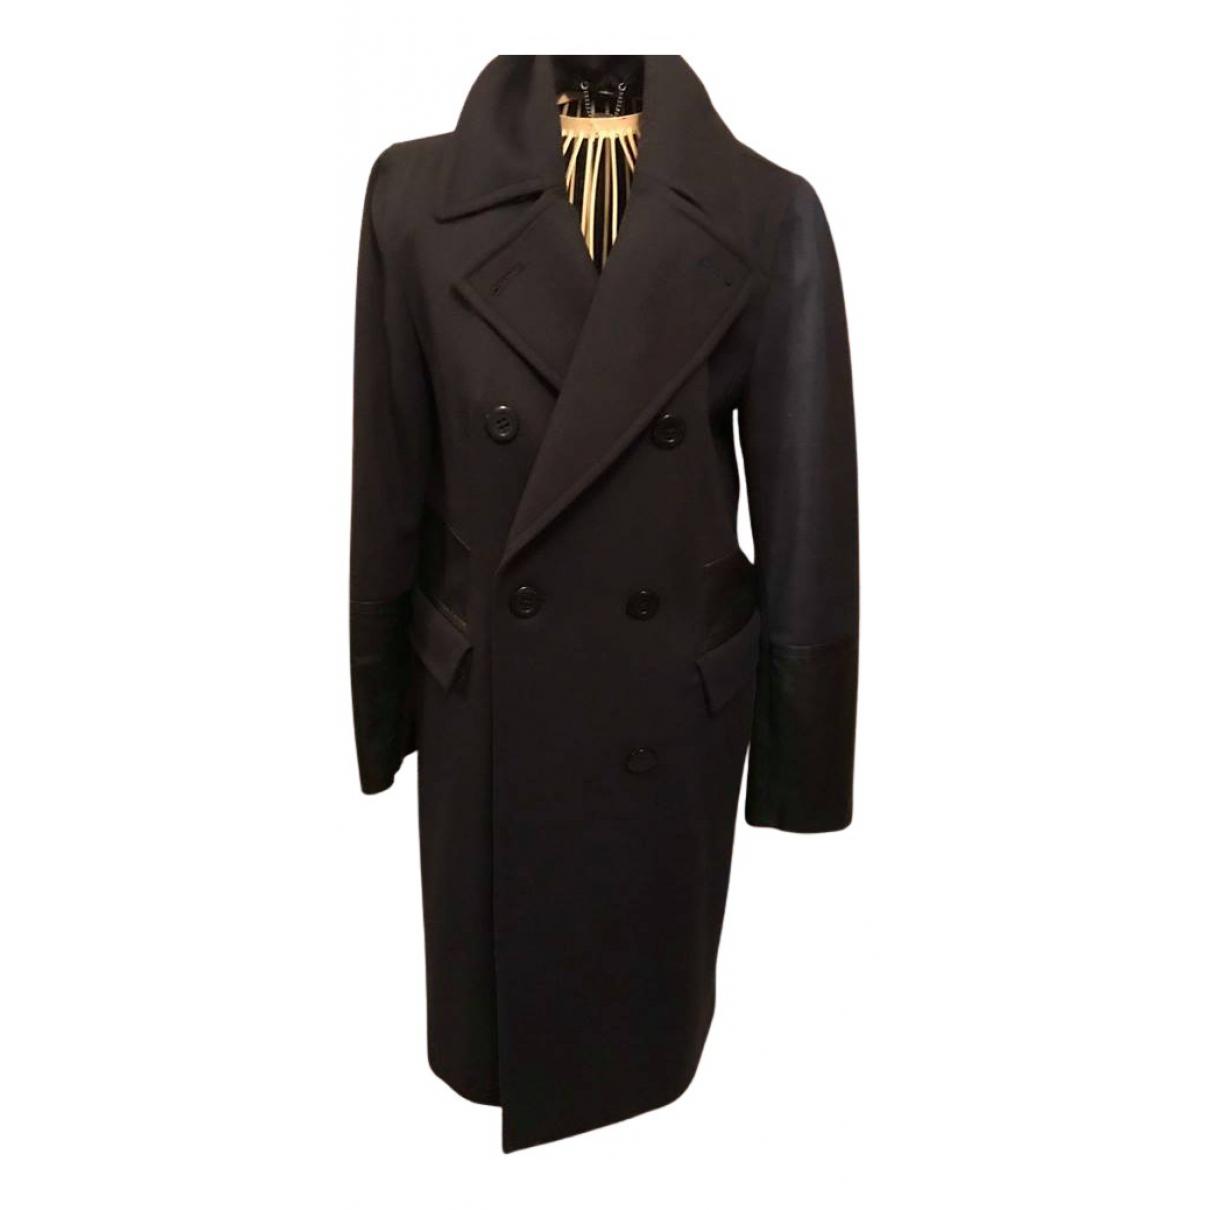 Dkny - Manteau   pour femme en laine - marine